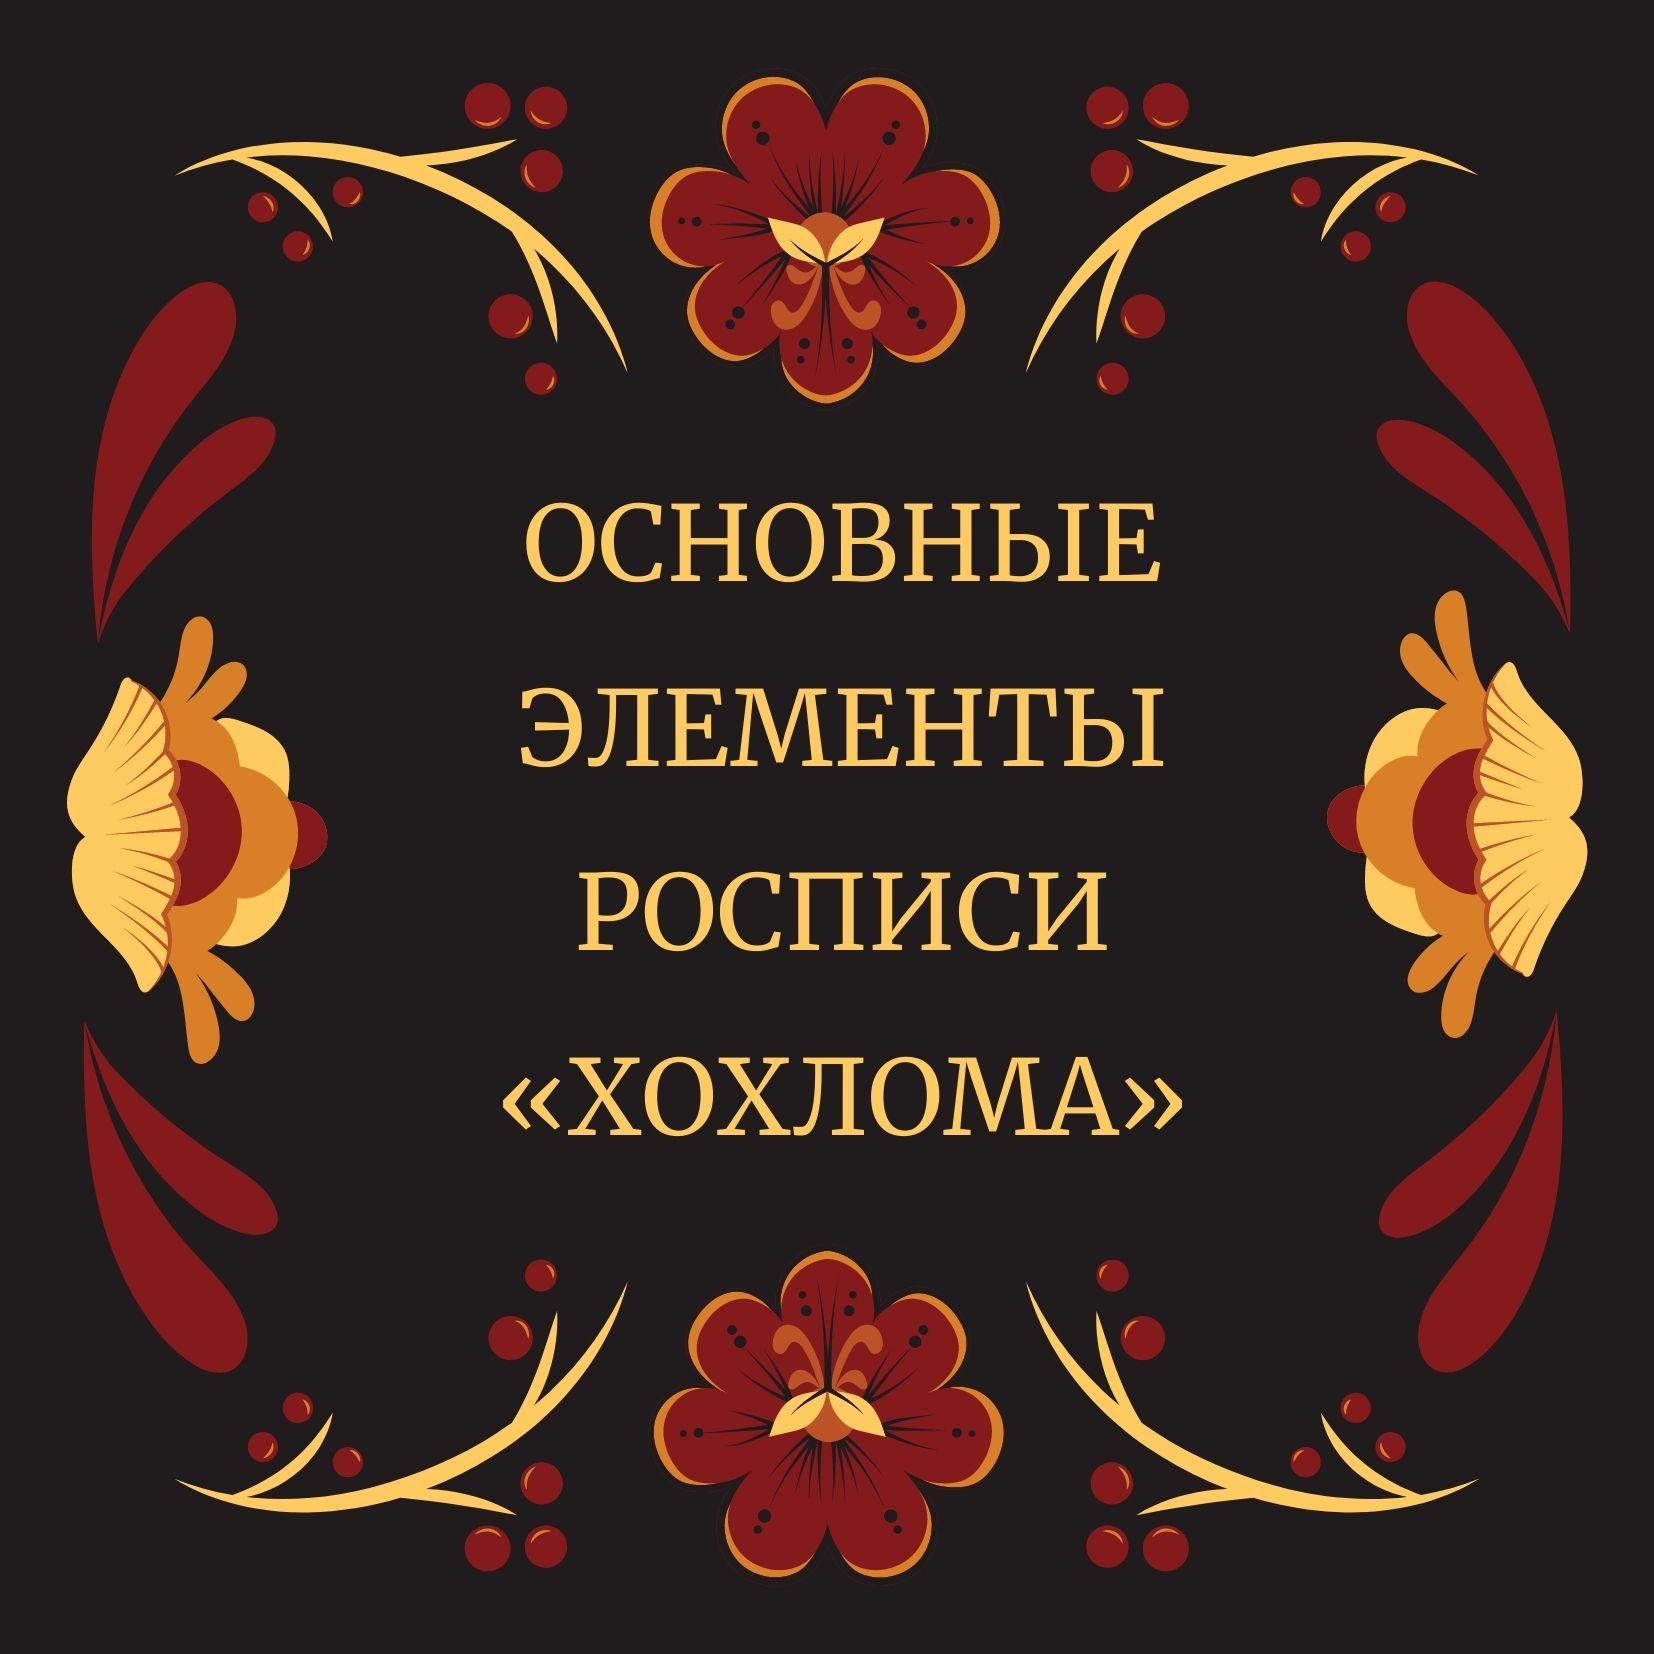 Основные элементы росписи «Хохлома»